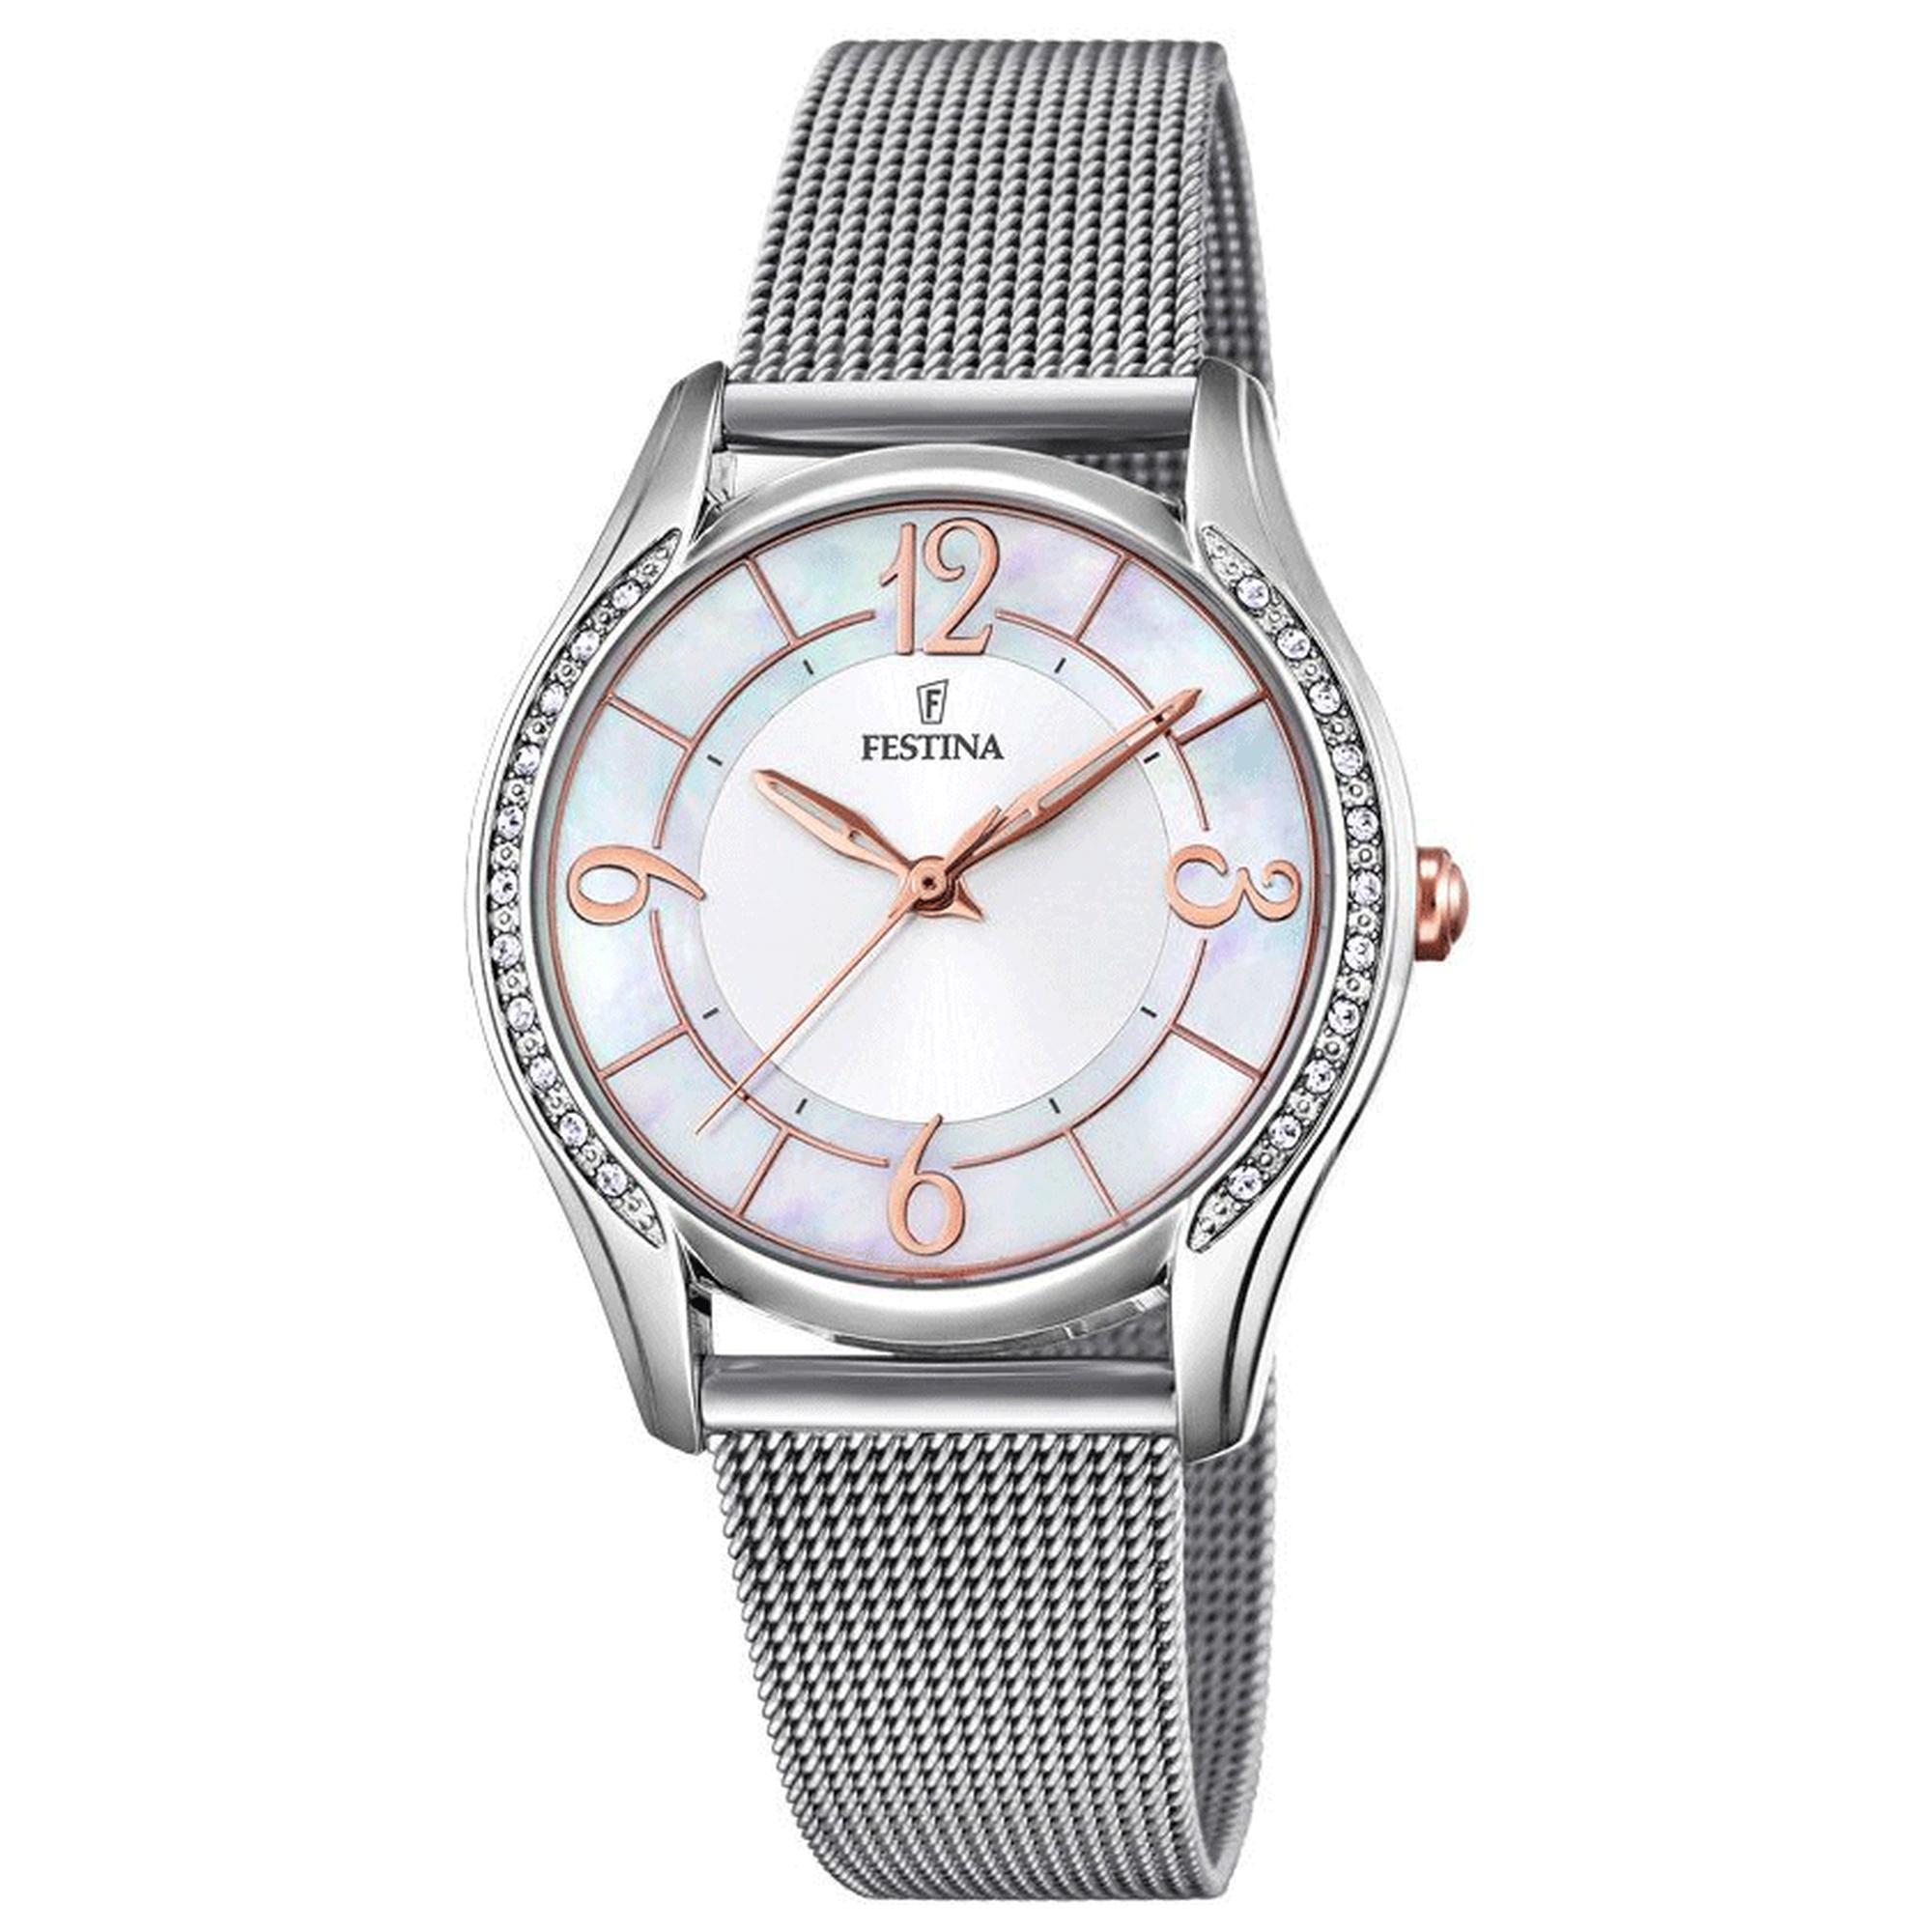 Ρολόι Festina με Ασημί Μπρασελέ F20420/1 + Δώρο Βραχιόλι